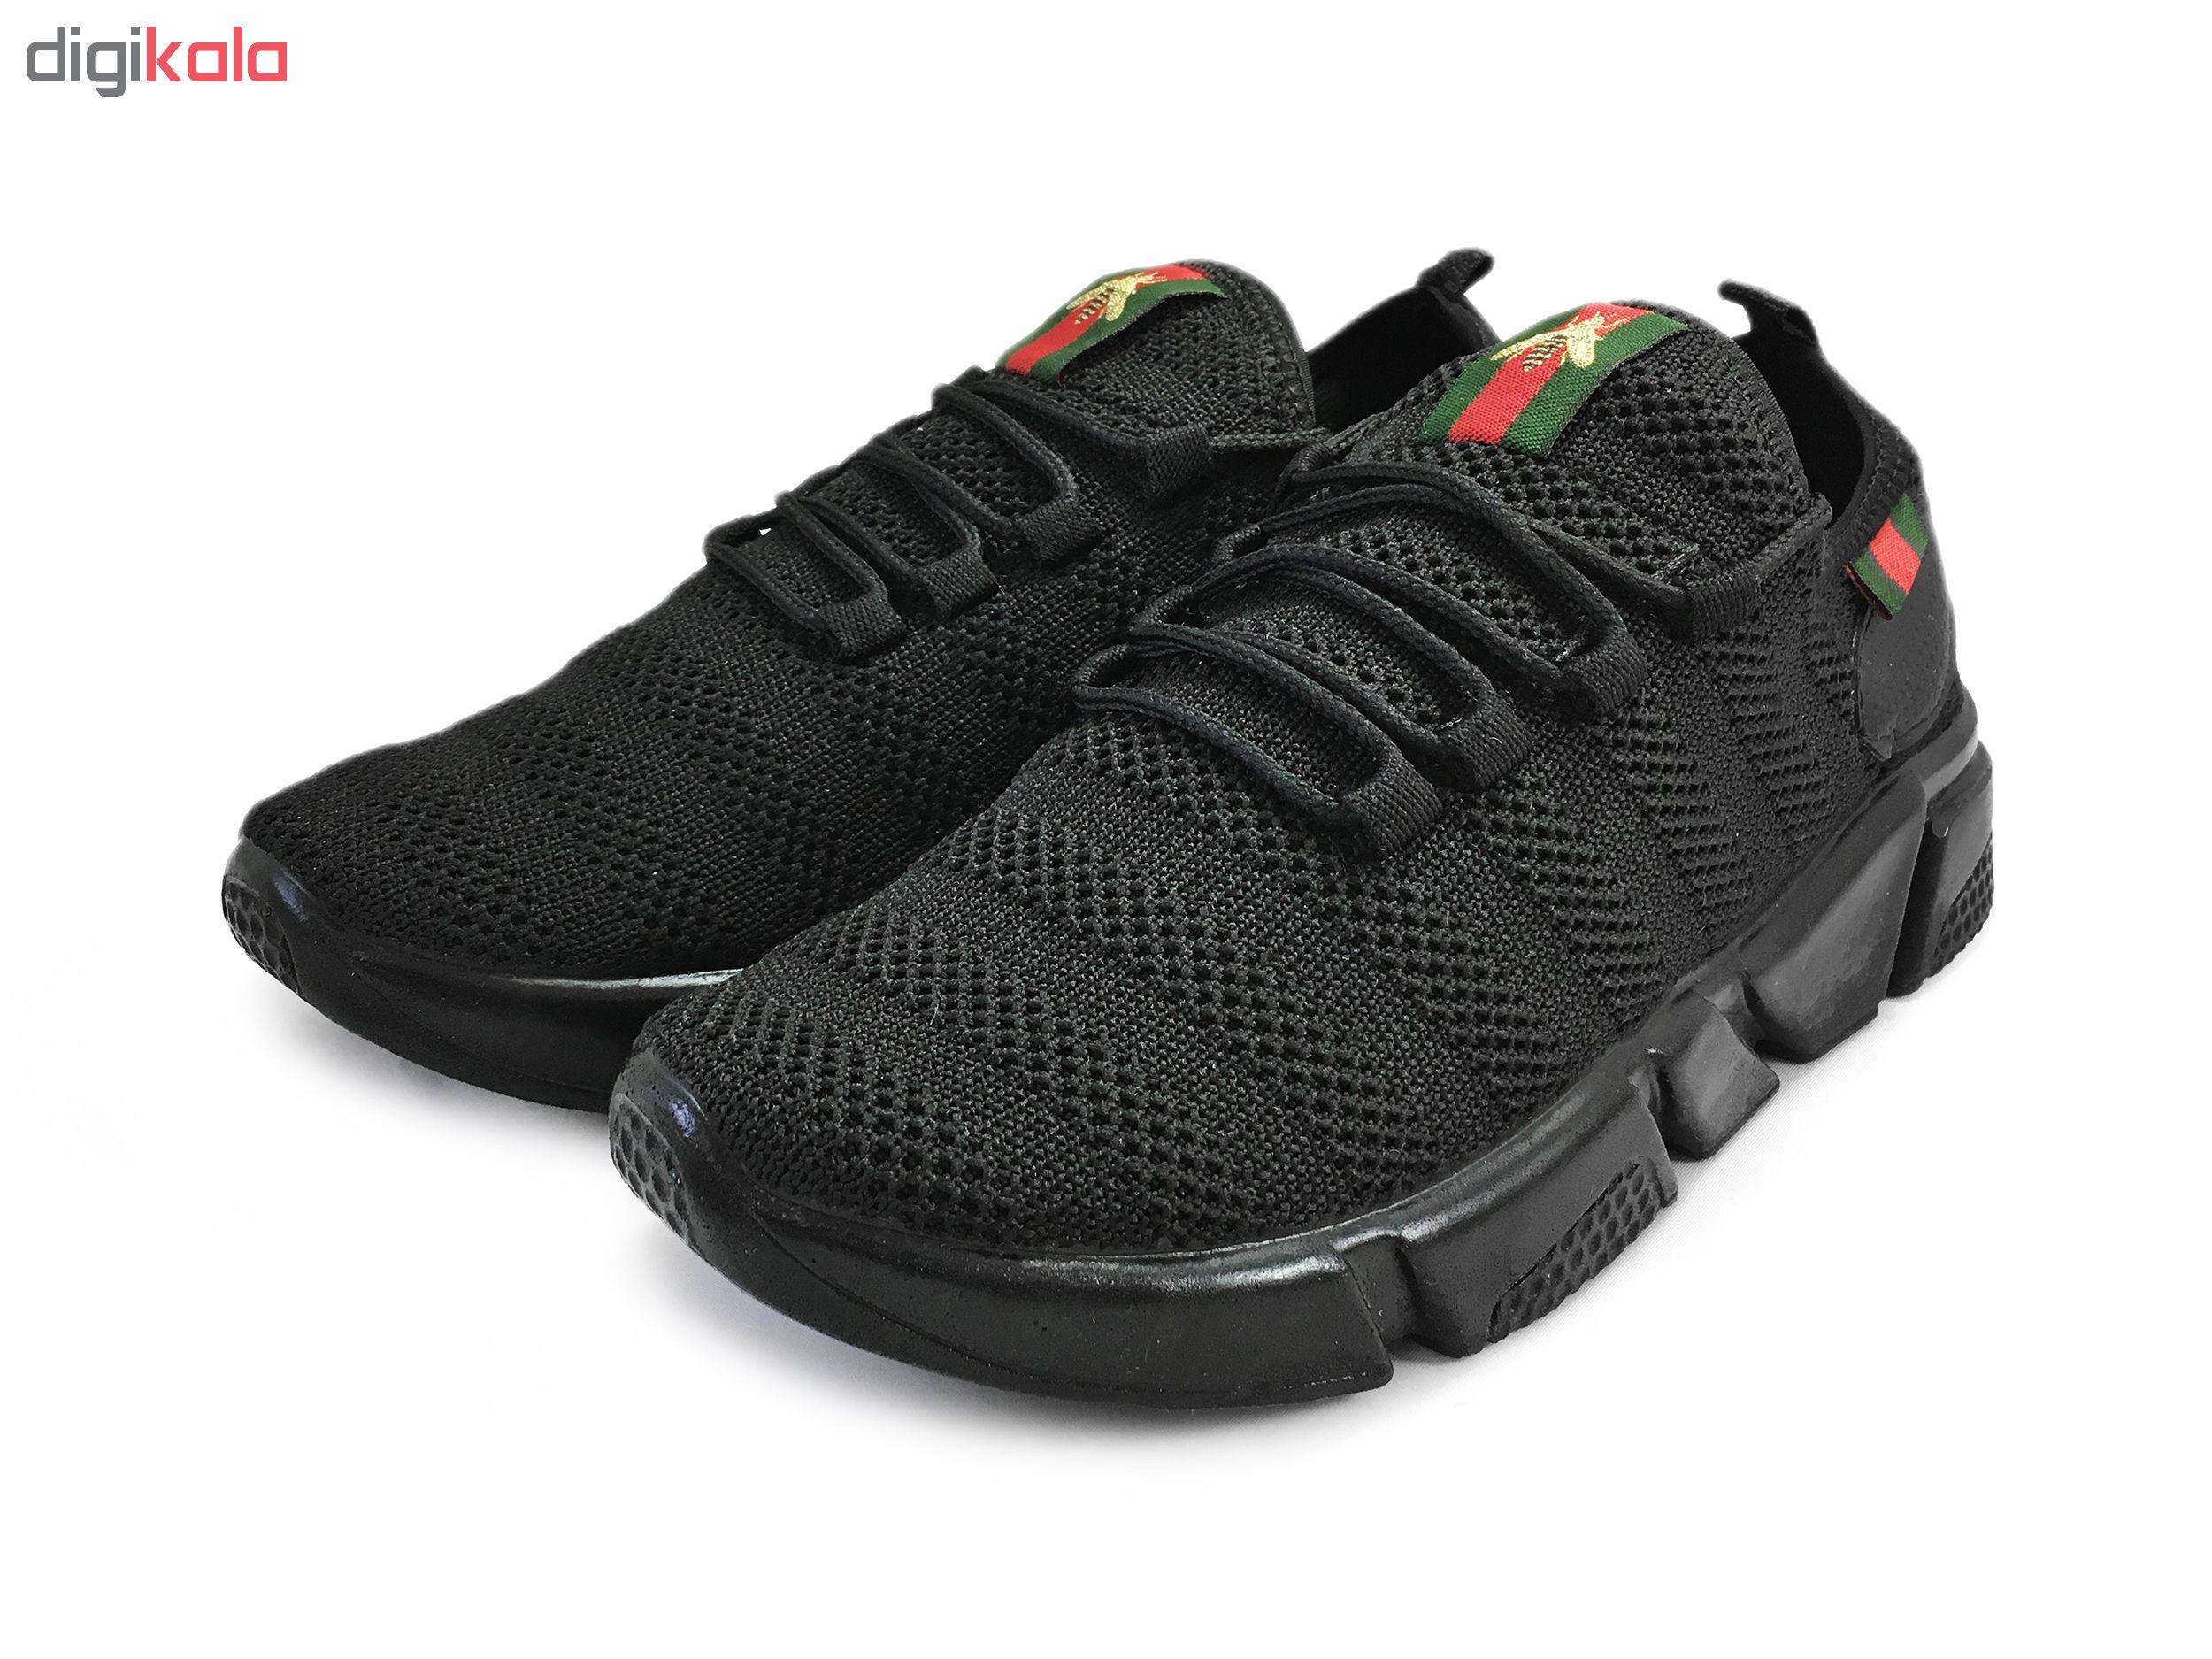 کفش مخصوص پیاده روی مردانه مدل عرشیا کد 3602